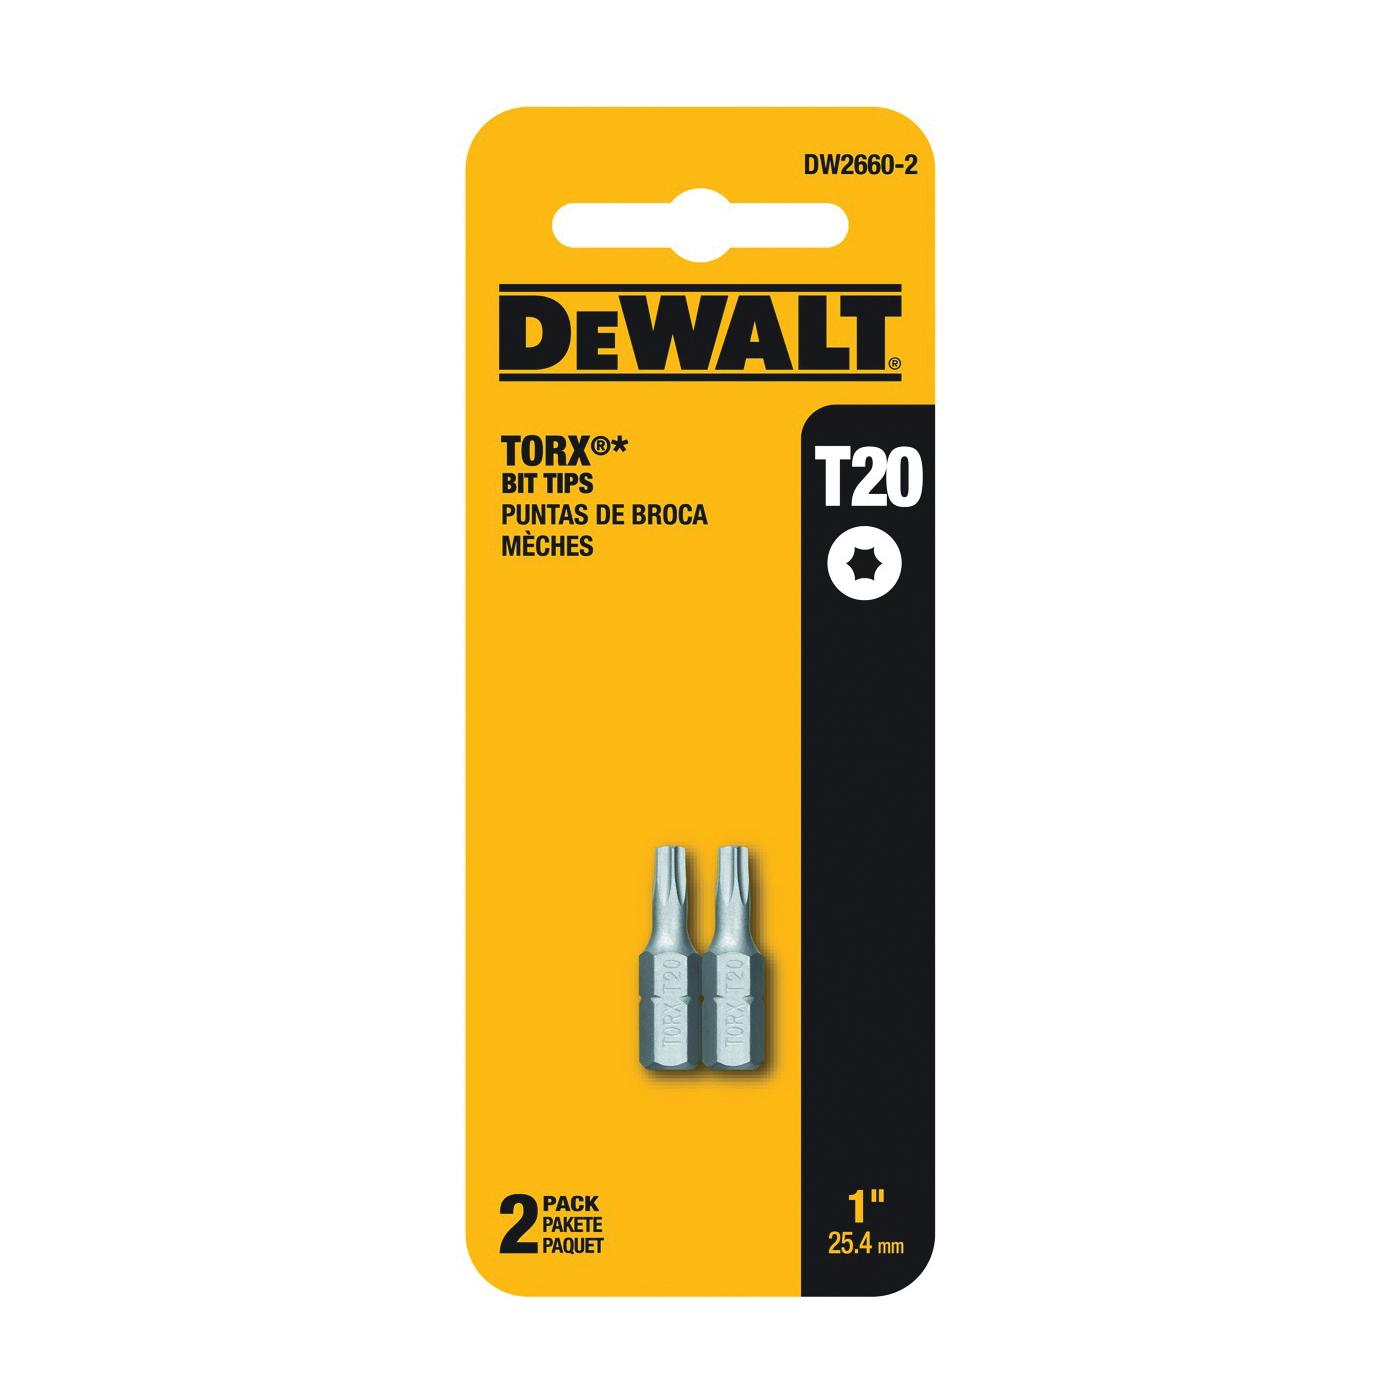 Picture of DeWALT DW2660-2 Power Bit, T20 Drive, Torx Drive, 1/4 in Shank, Hex Shank, 1 in L, Steel